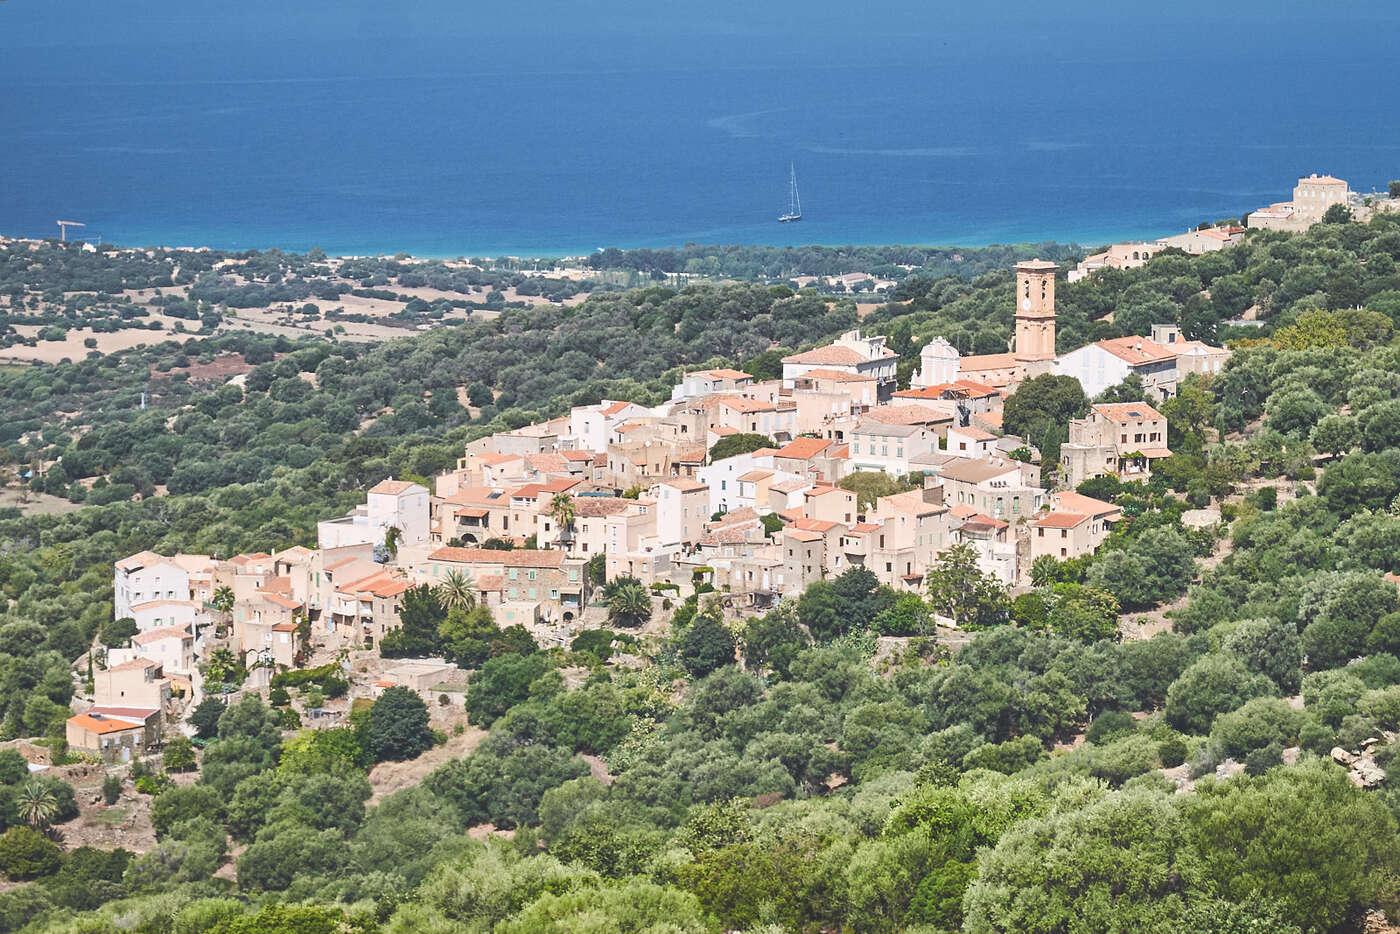 Aregno, Balagne, Corse